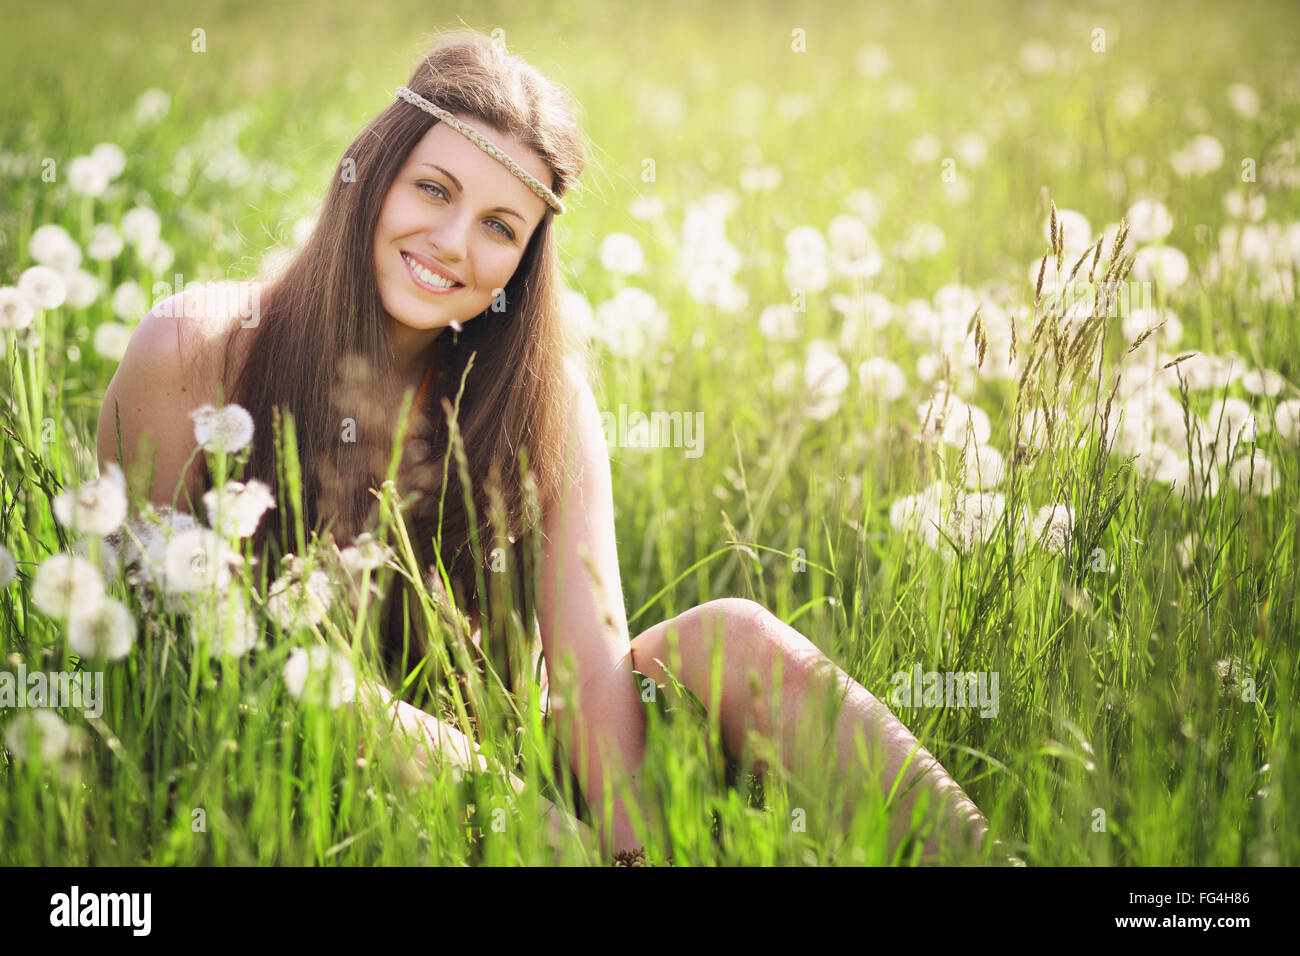 Belle jeune femme souriante dans une prairie fleurie . L'harmonie et la sérénité de la Nature Photo Stock